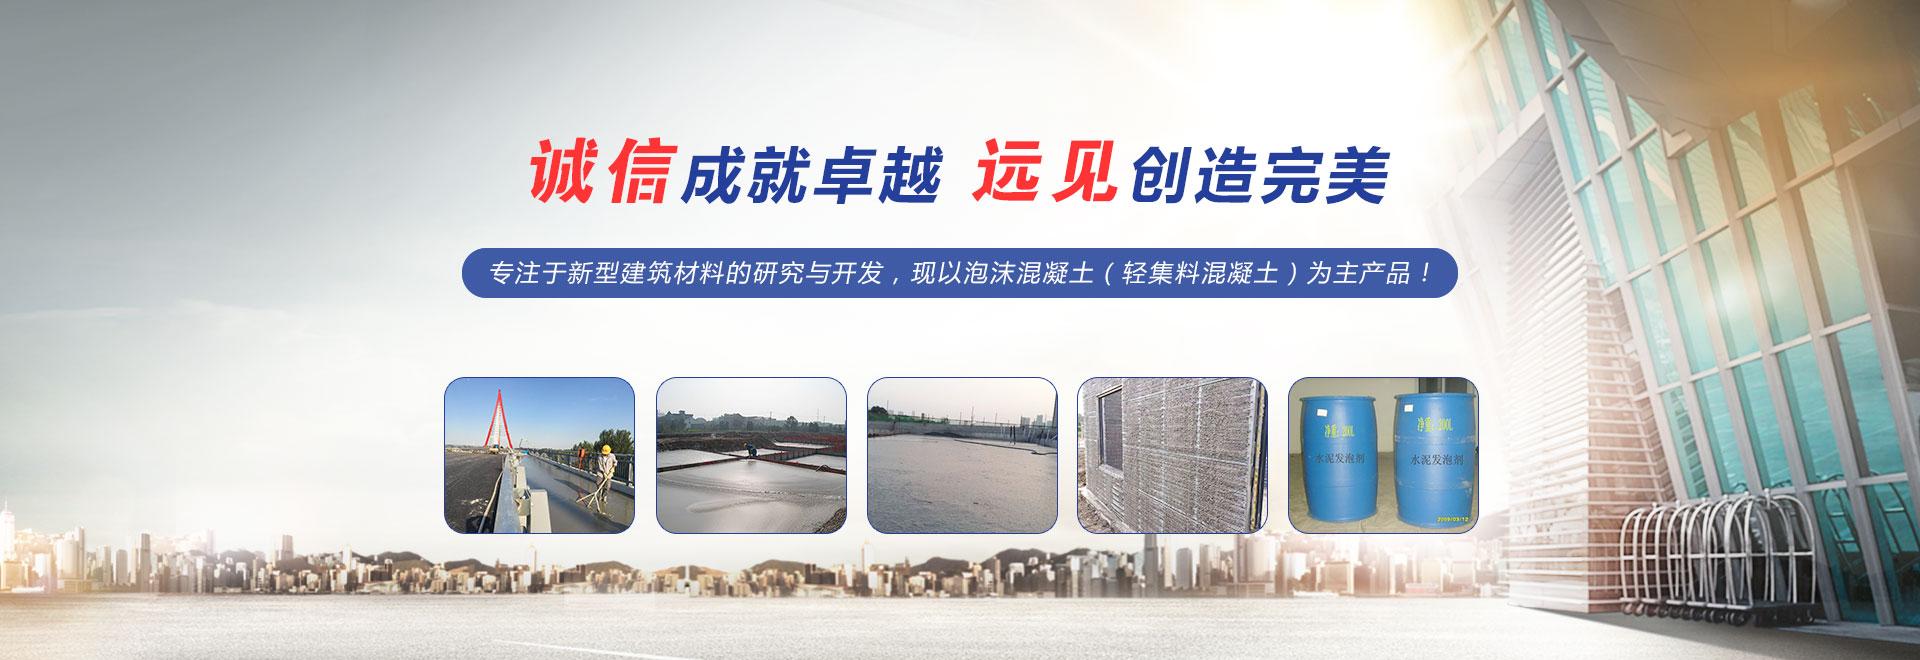 山东蓝泰建筑新技术应用有限公司